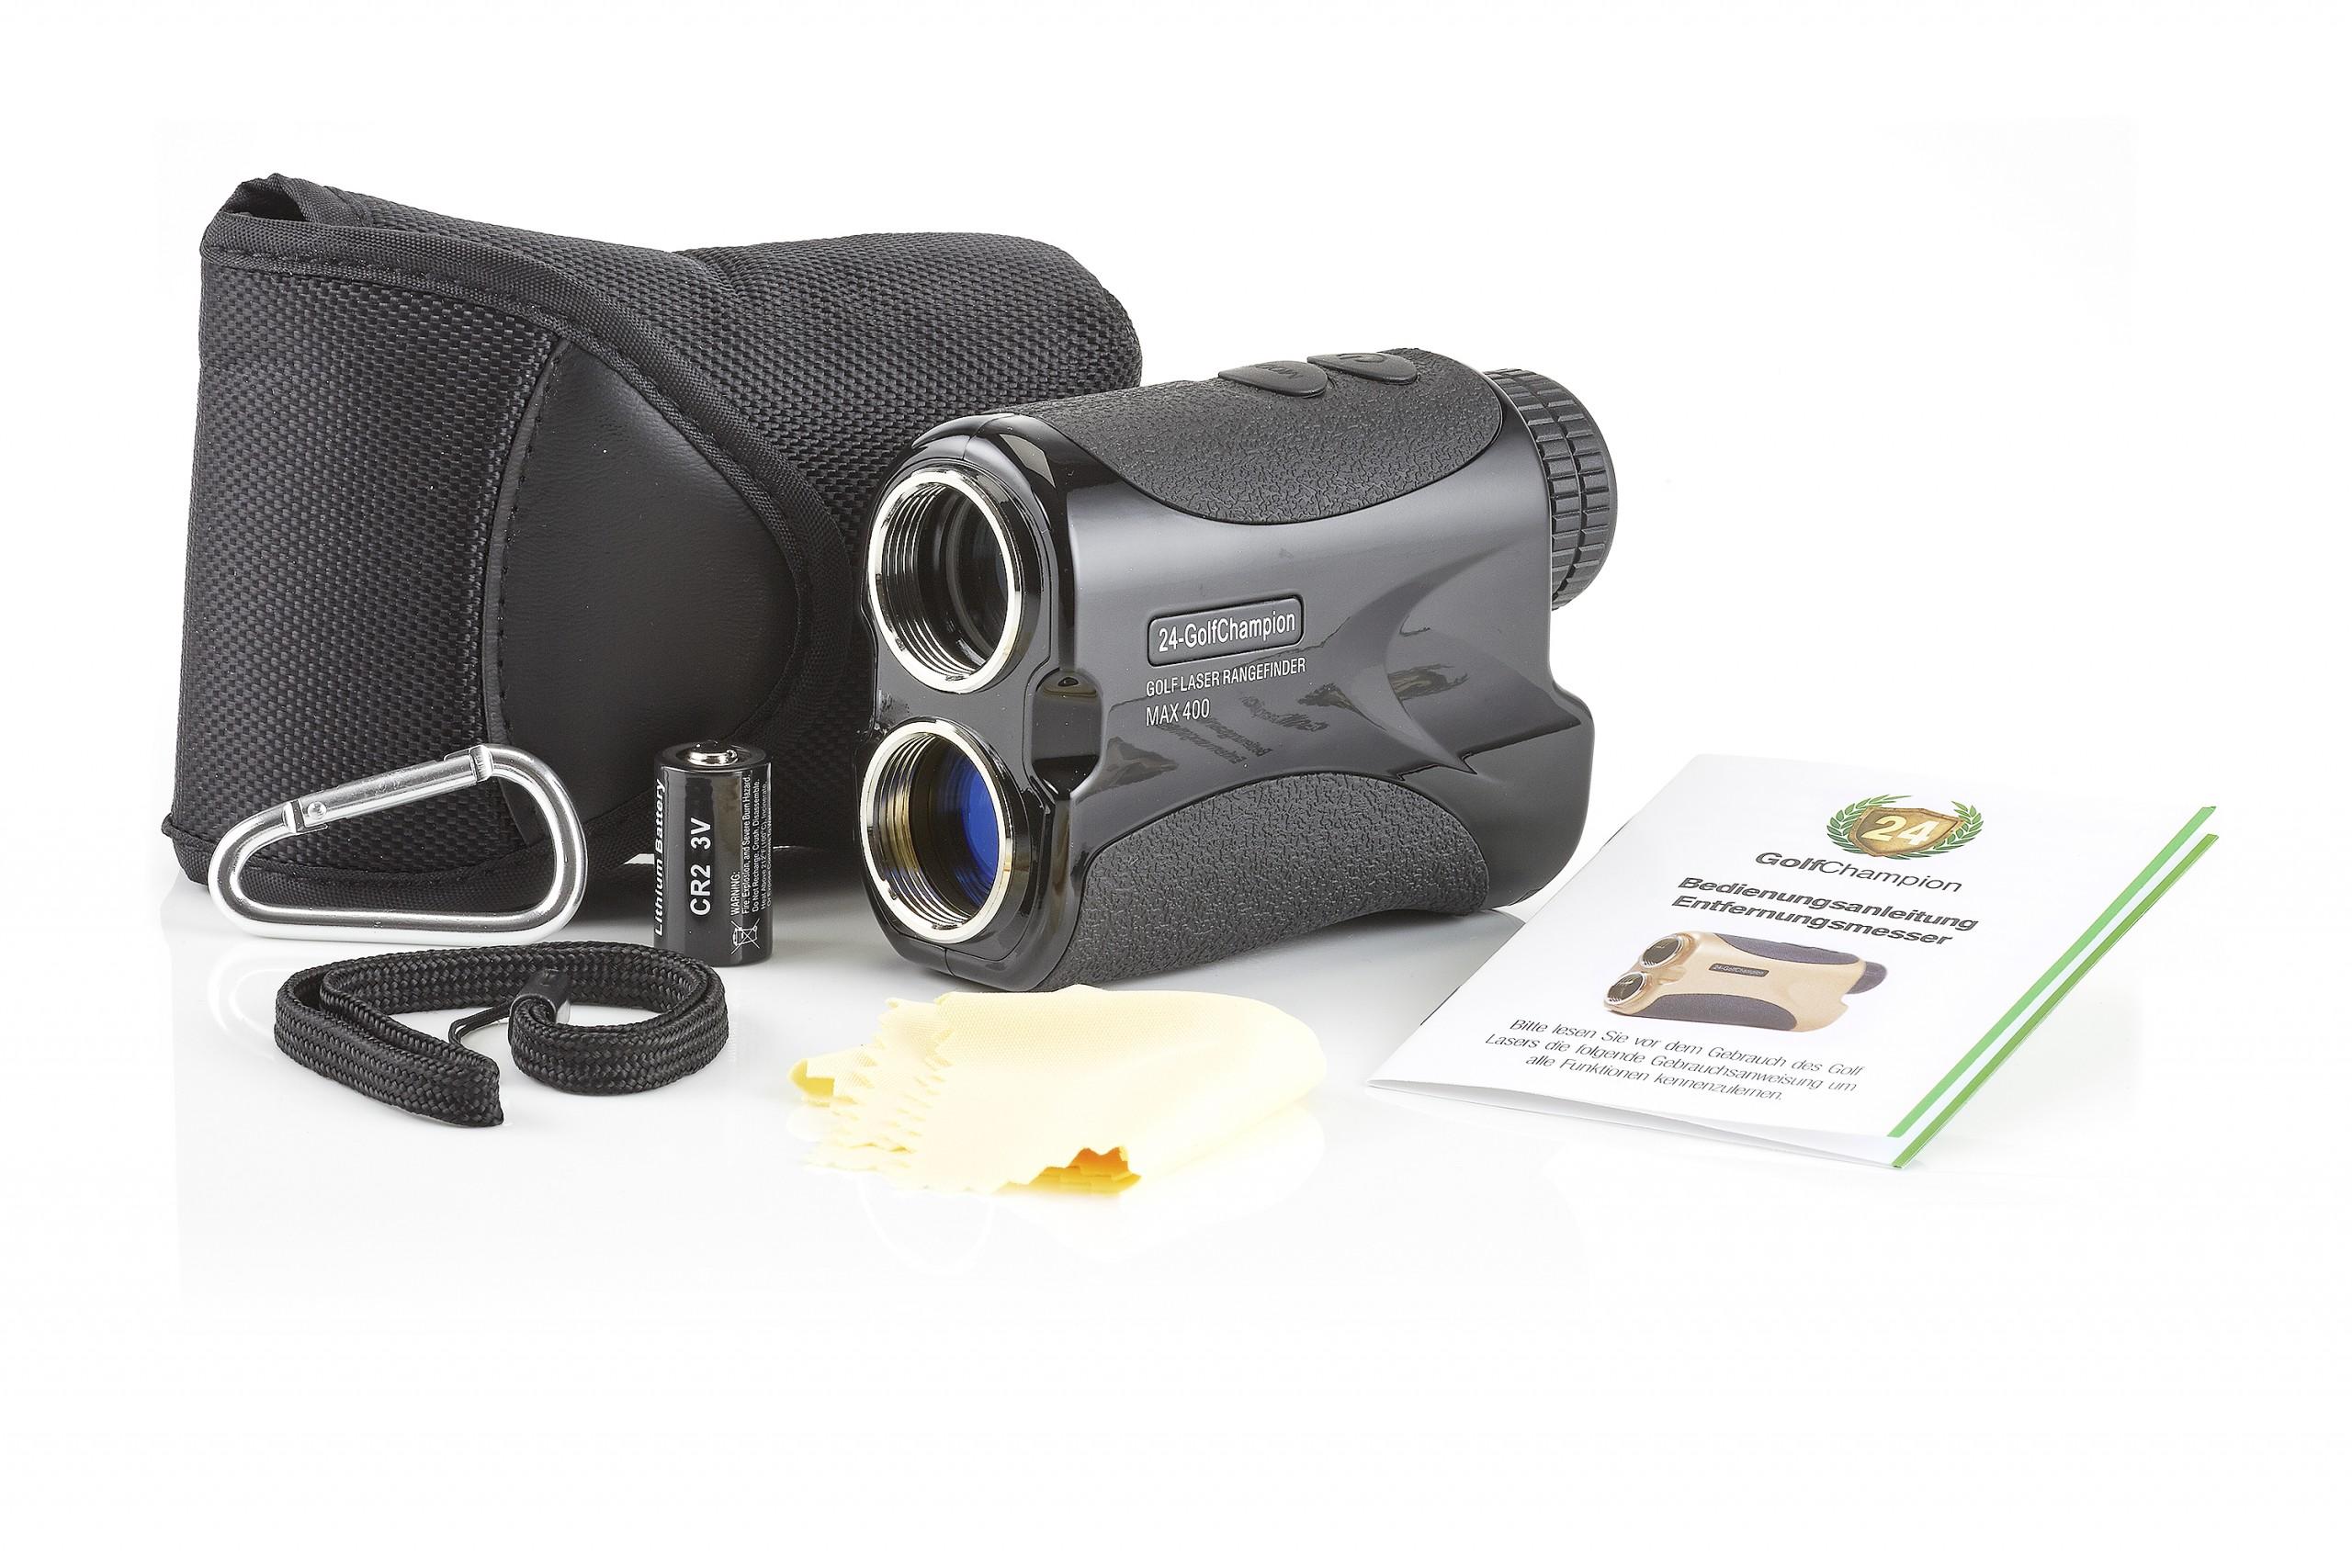 Golf Laser Entfernungsmesser Birdie 500 : Finden sie hohe qualität golf birdie hersteller und